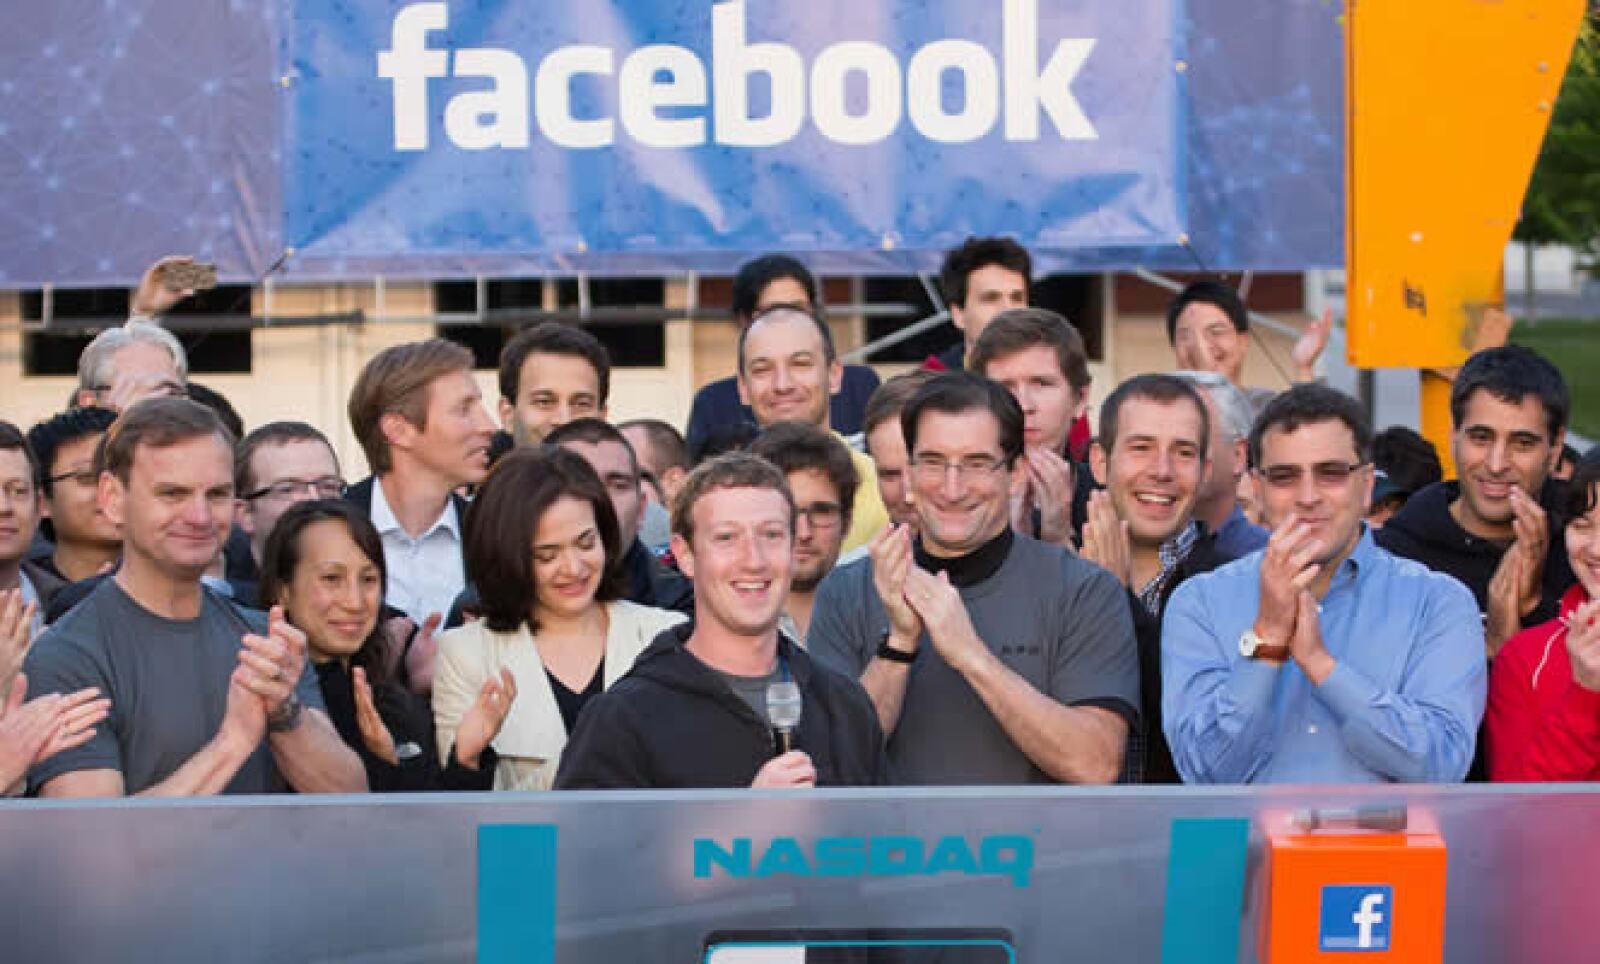 El sitio espera valorarse en 104,000 millones de dólares, más que HP y Amazon.